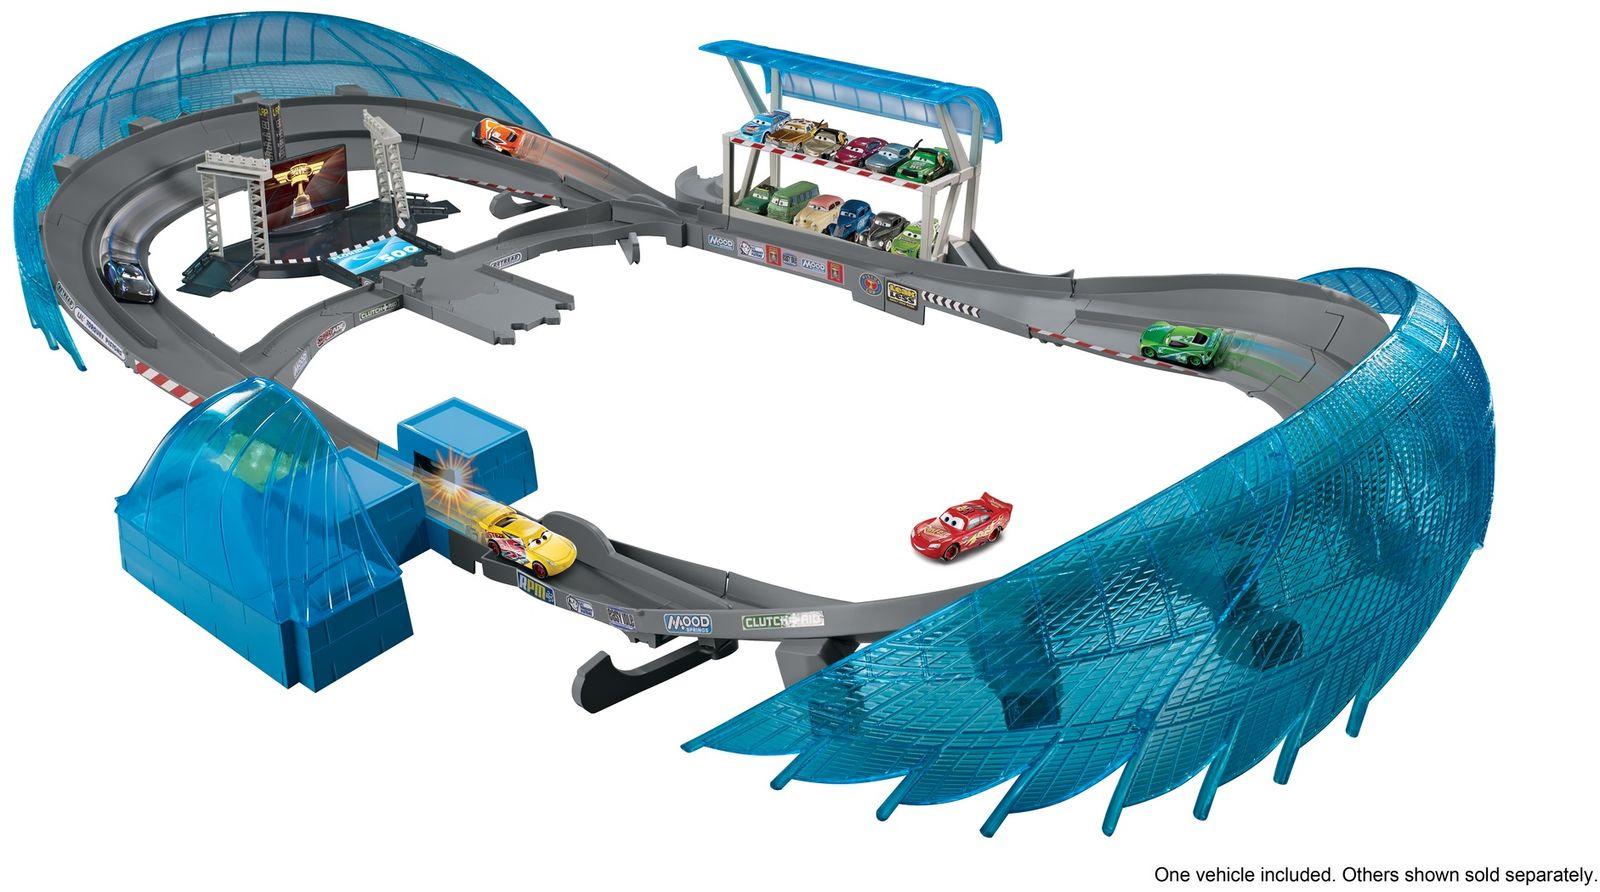 Cars Игрушечный трек Невообразимая трасса ФлоридаFCW02Приготовься к захватывающей гонке с набором Cars Невообразимая трасса Флорида из серии Disney•Pixar Тачки 3! Впечатляющий полутораметровый набор наполнен деталями, вдохновленными мультфильмом! На трассе есть ускоритель, тематические игровые зоны, возвышенности для набора дополнительной скорости, а также машинка Молния Маккуин. Ускоритель отправляет машинки нестись по трассе с невероятной скоростью. Так как каждый чемпион стремится проехать по внутреннему краю трассы, используй разделитель, чтобы машинки менялись полосами! Другие участники на трибунах приветствуют гонщиков, храбро несущихся по серпантину! Появление флага возвещает победный круг! Этот наполненный деталями трек для машинок приведет в восторг любого маленького автолюбителя и позволит ему устроить головокружительные гонки с любимыми героями у себя дома. Рекомендуем!